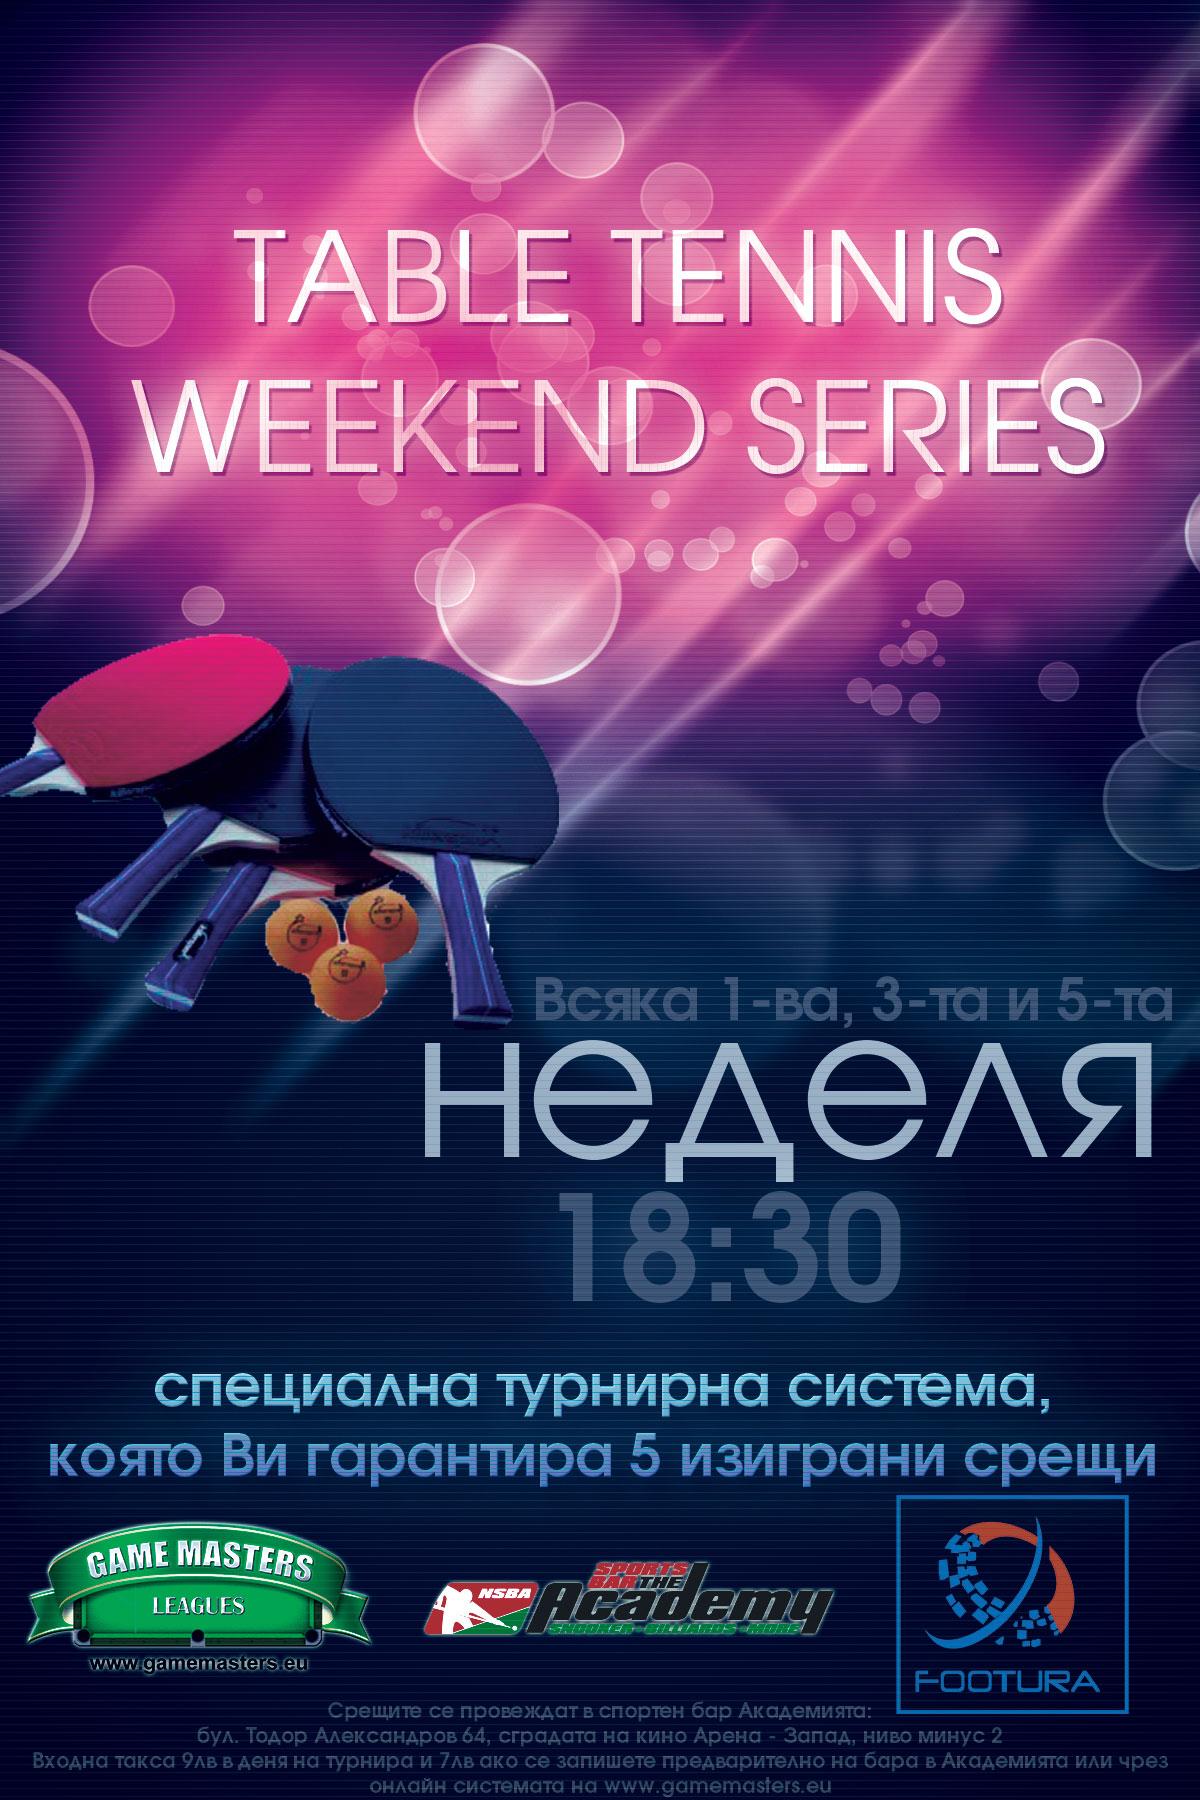 WeekendSeriesFlyer